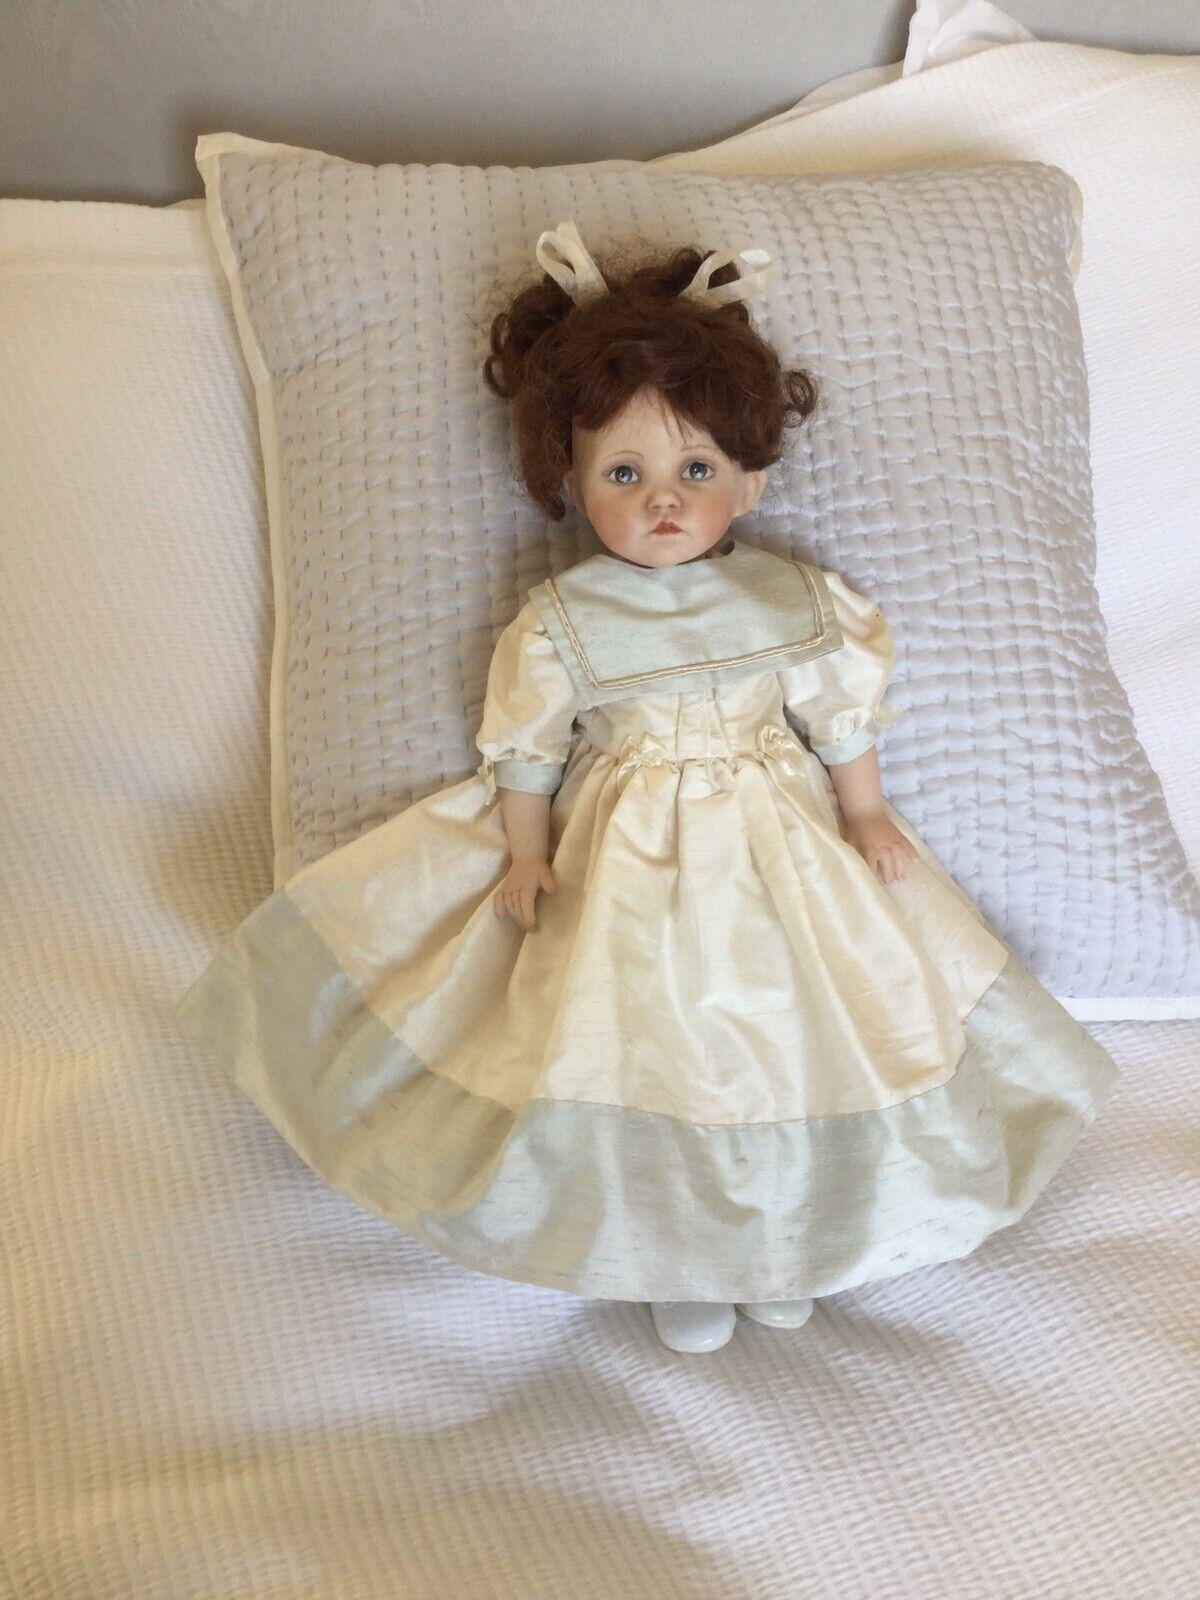 Bambola fatta a uomoo  in abiti di seta  grande vendita